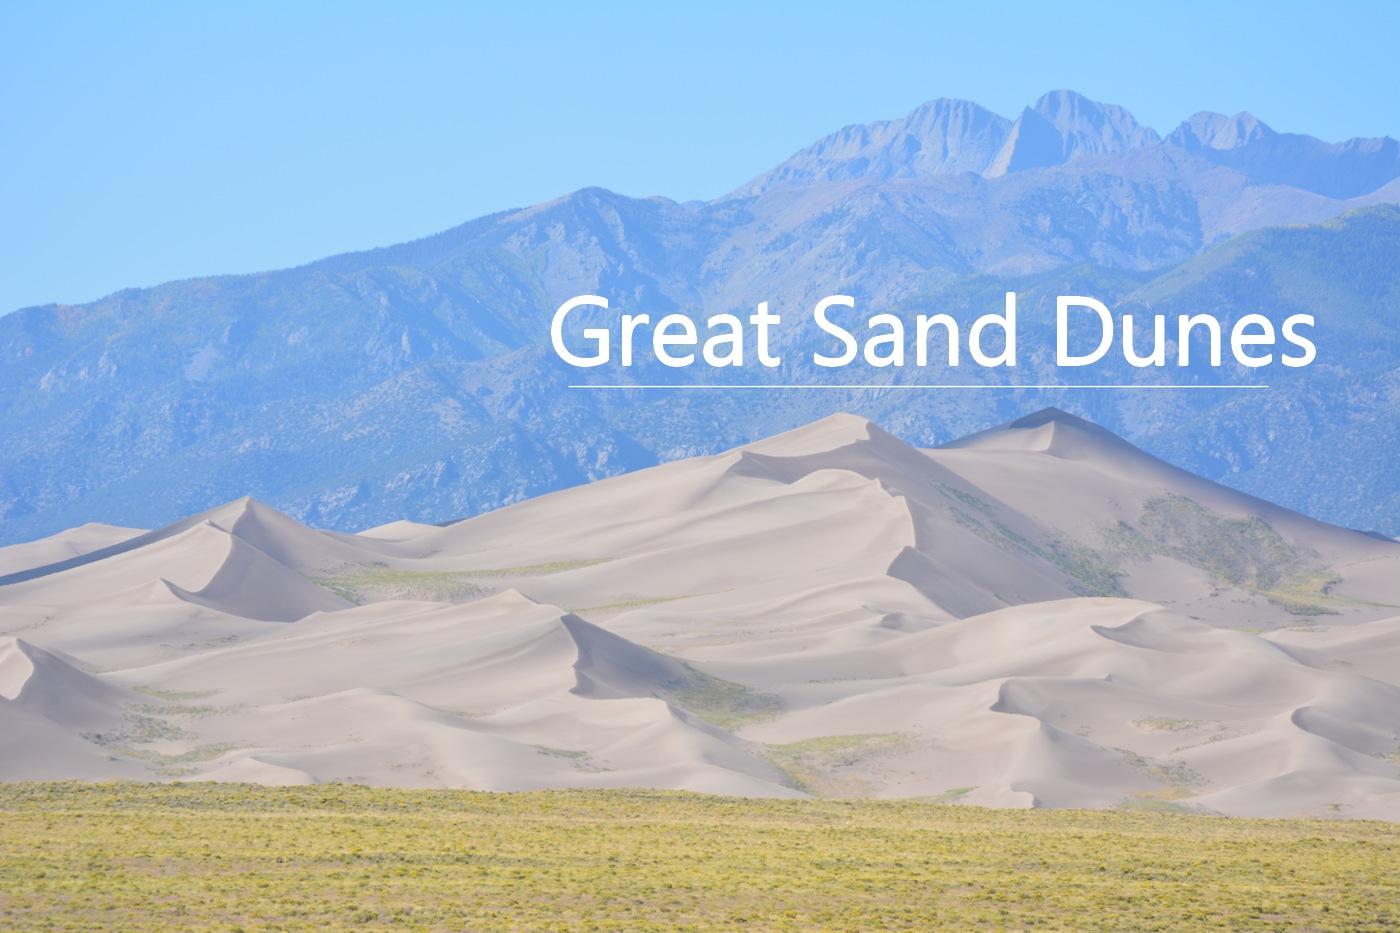 Parc national de Great Sand Dunes